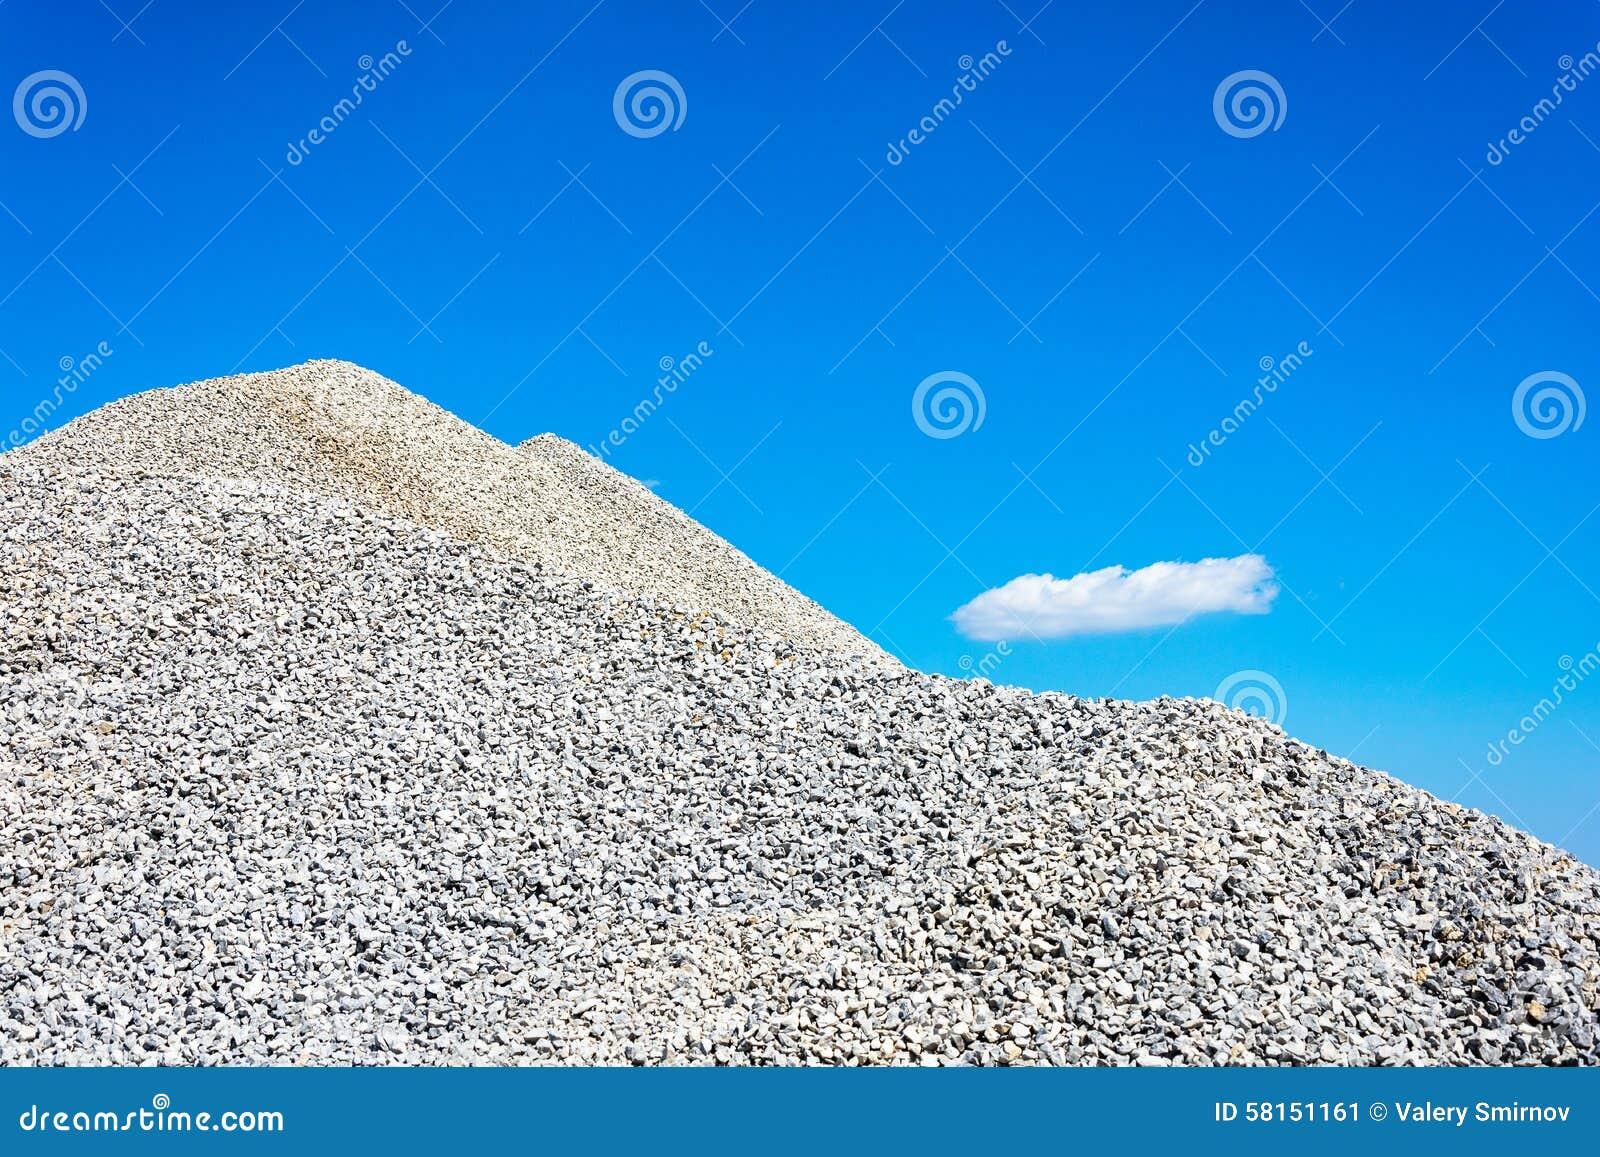 Montagne de blocaille